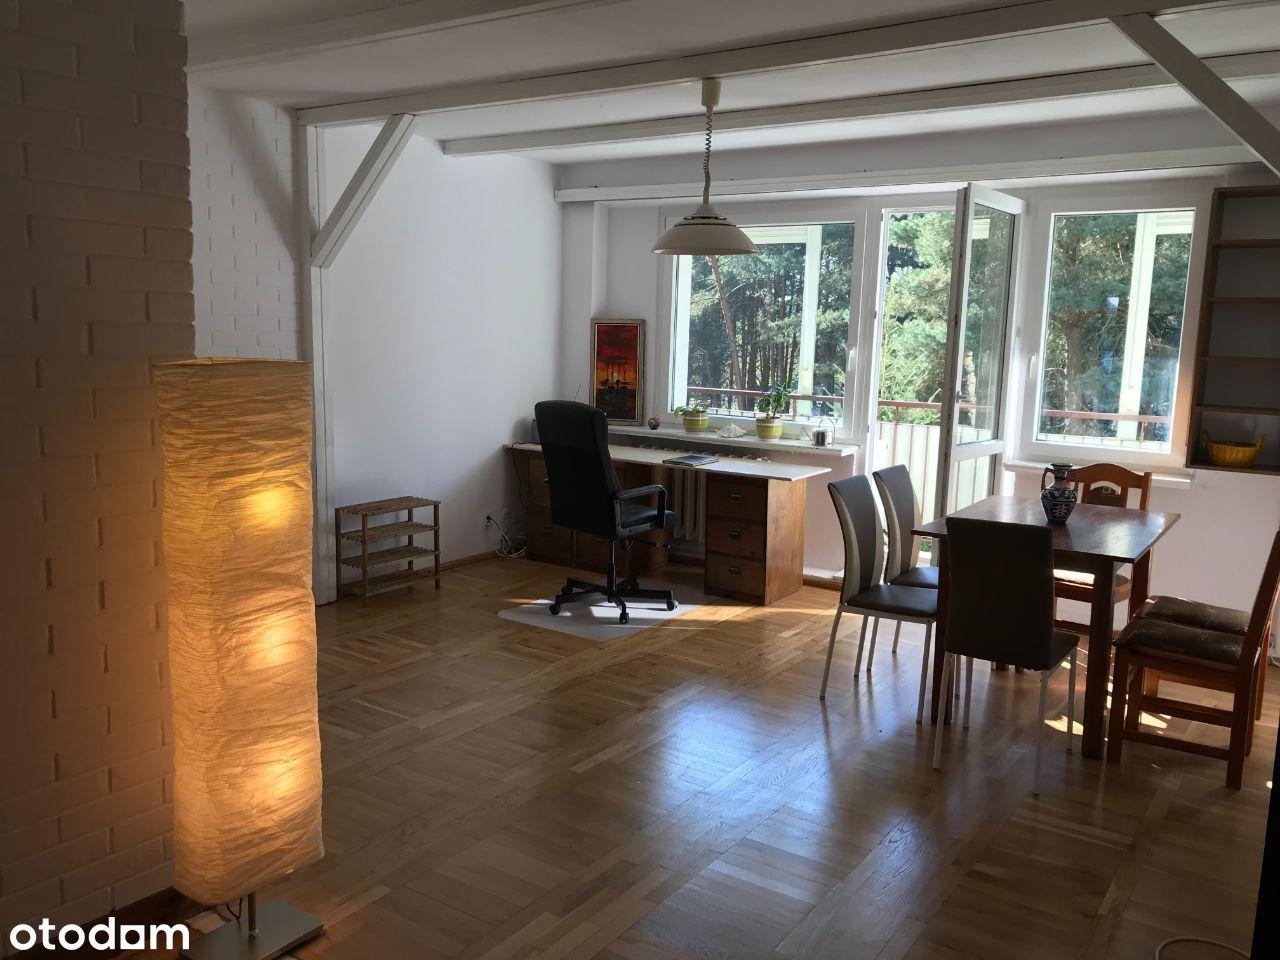 Mieszkanie 3-pok., 64 m2, piwnica i mjsc. parking.